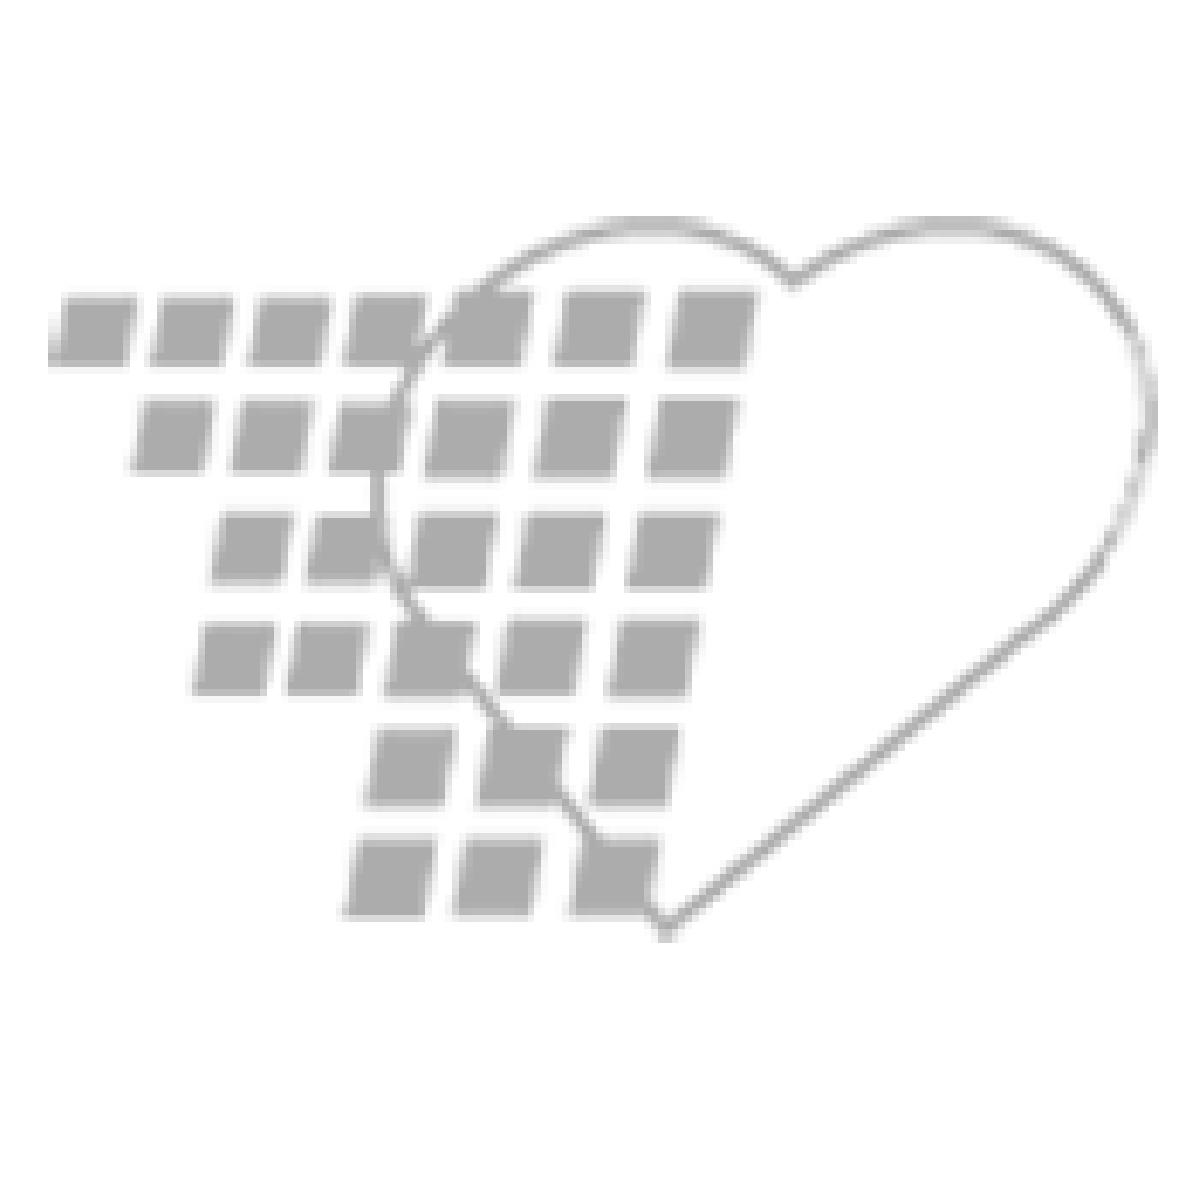 11-99-0142-BLK - Simulaids Replacement Arm Skin 11-81-0146 - Dark